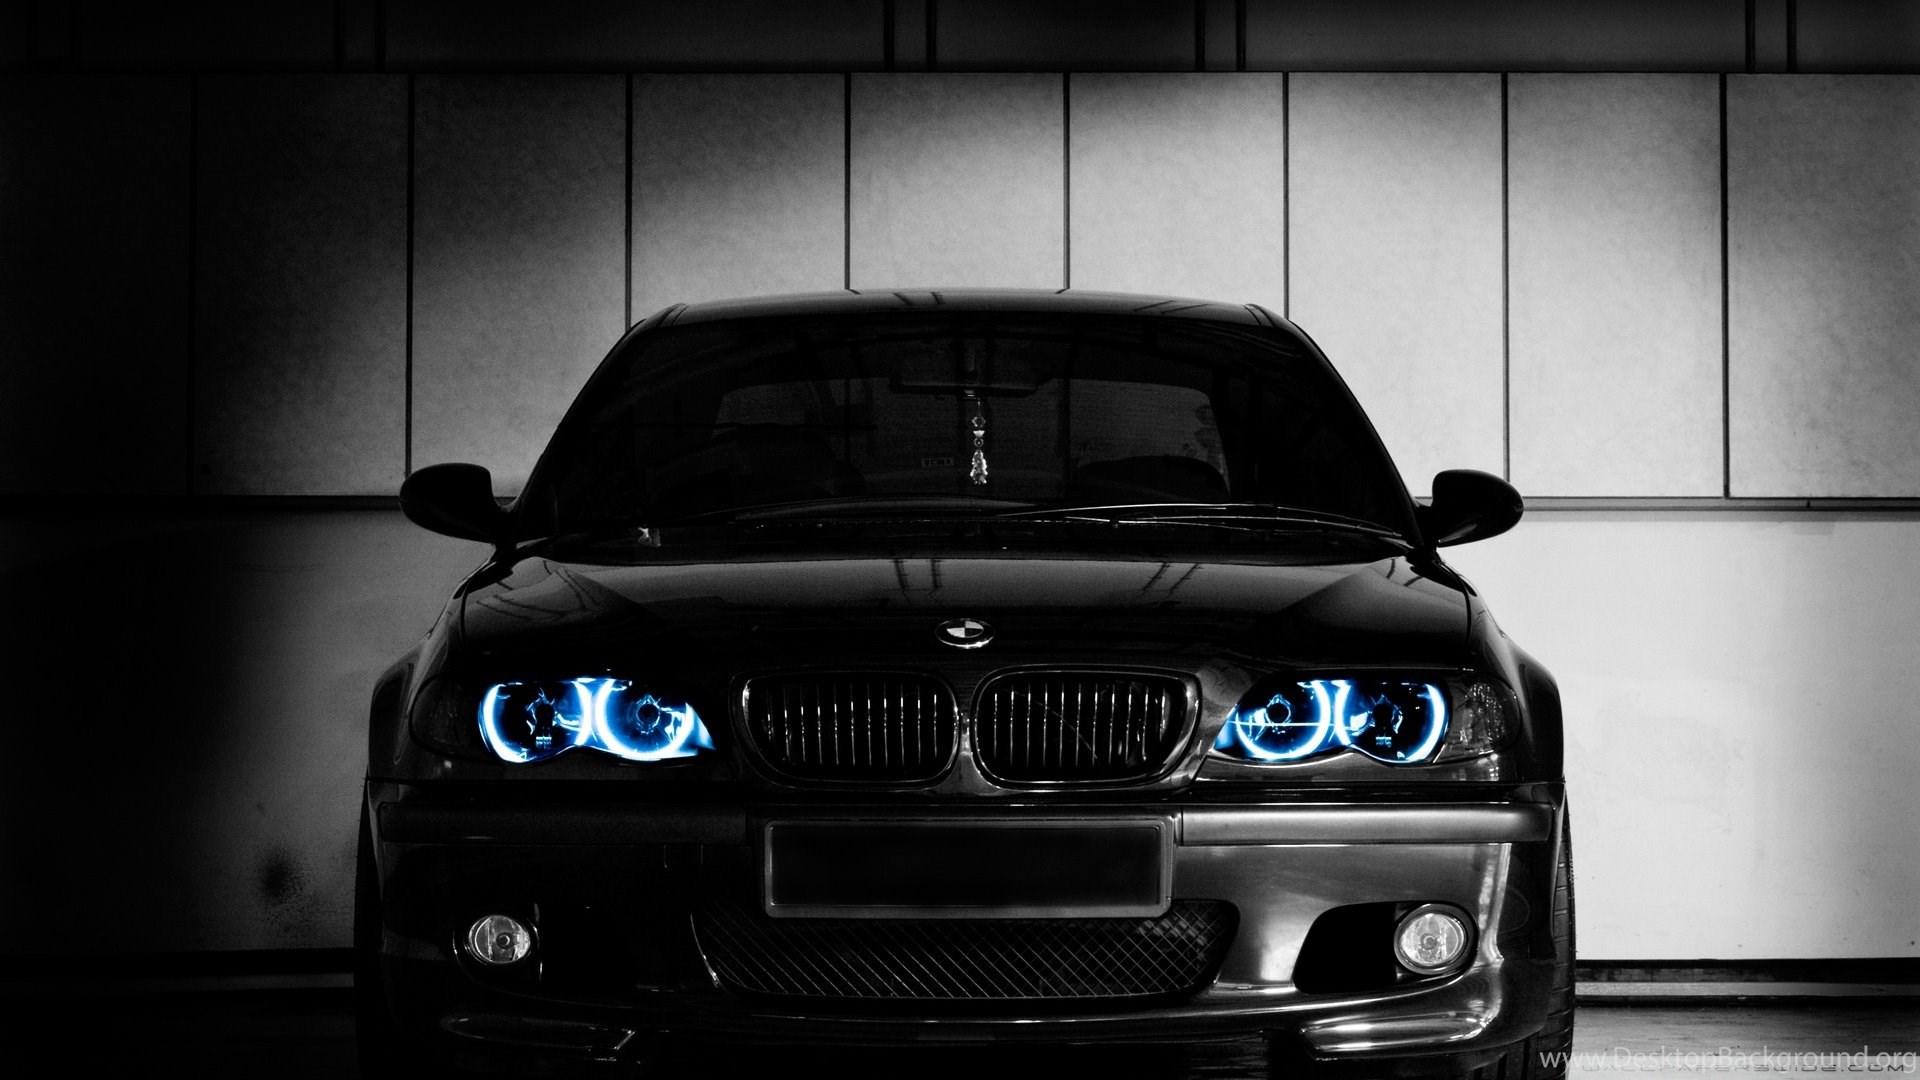 Black Bmw Cars Logo Wallpapers Desktop Background